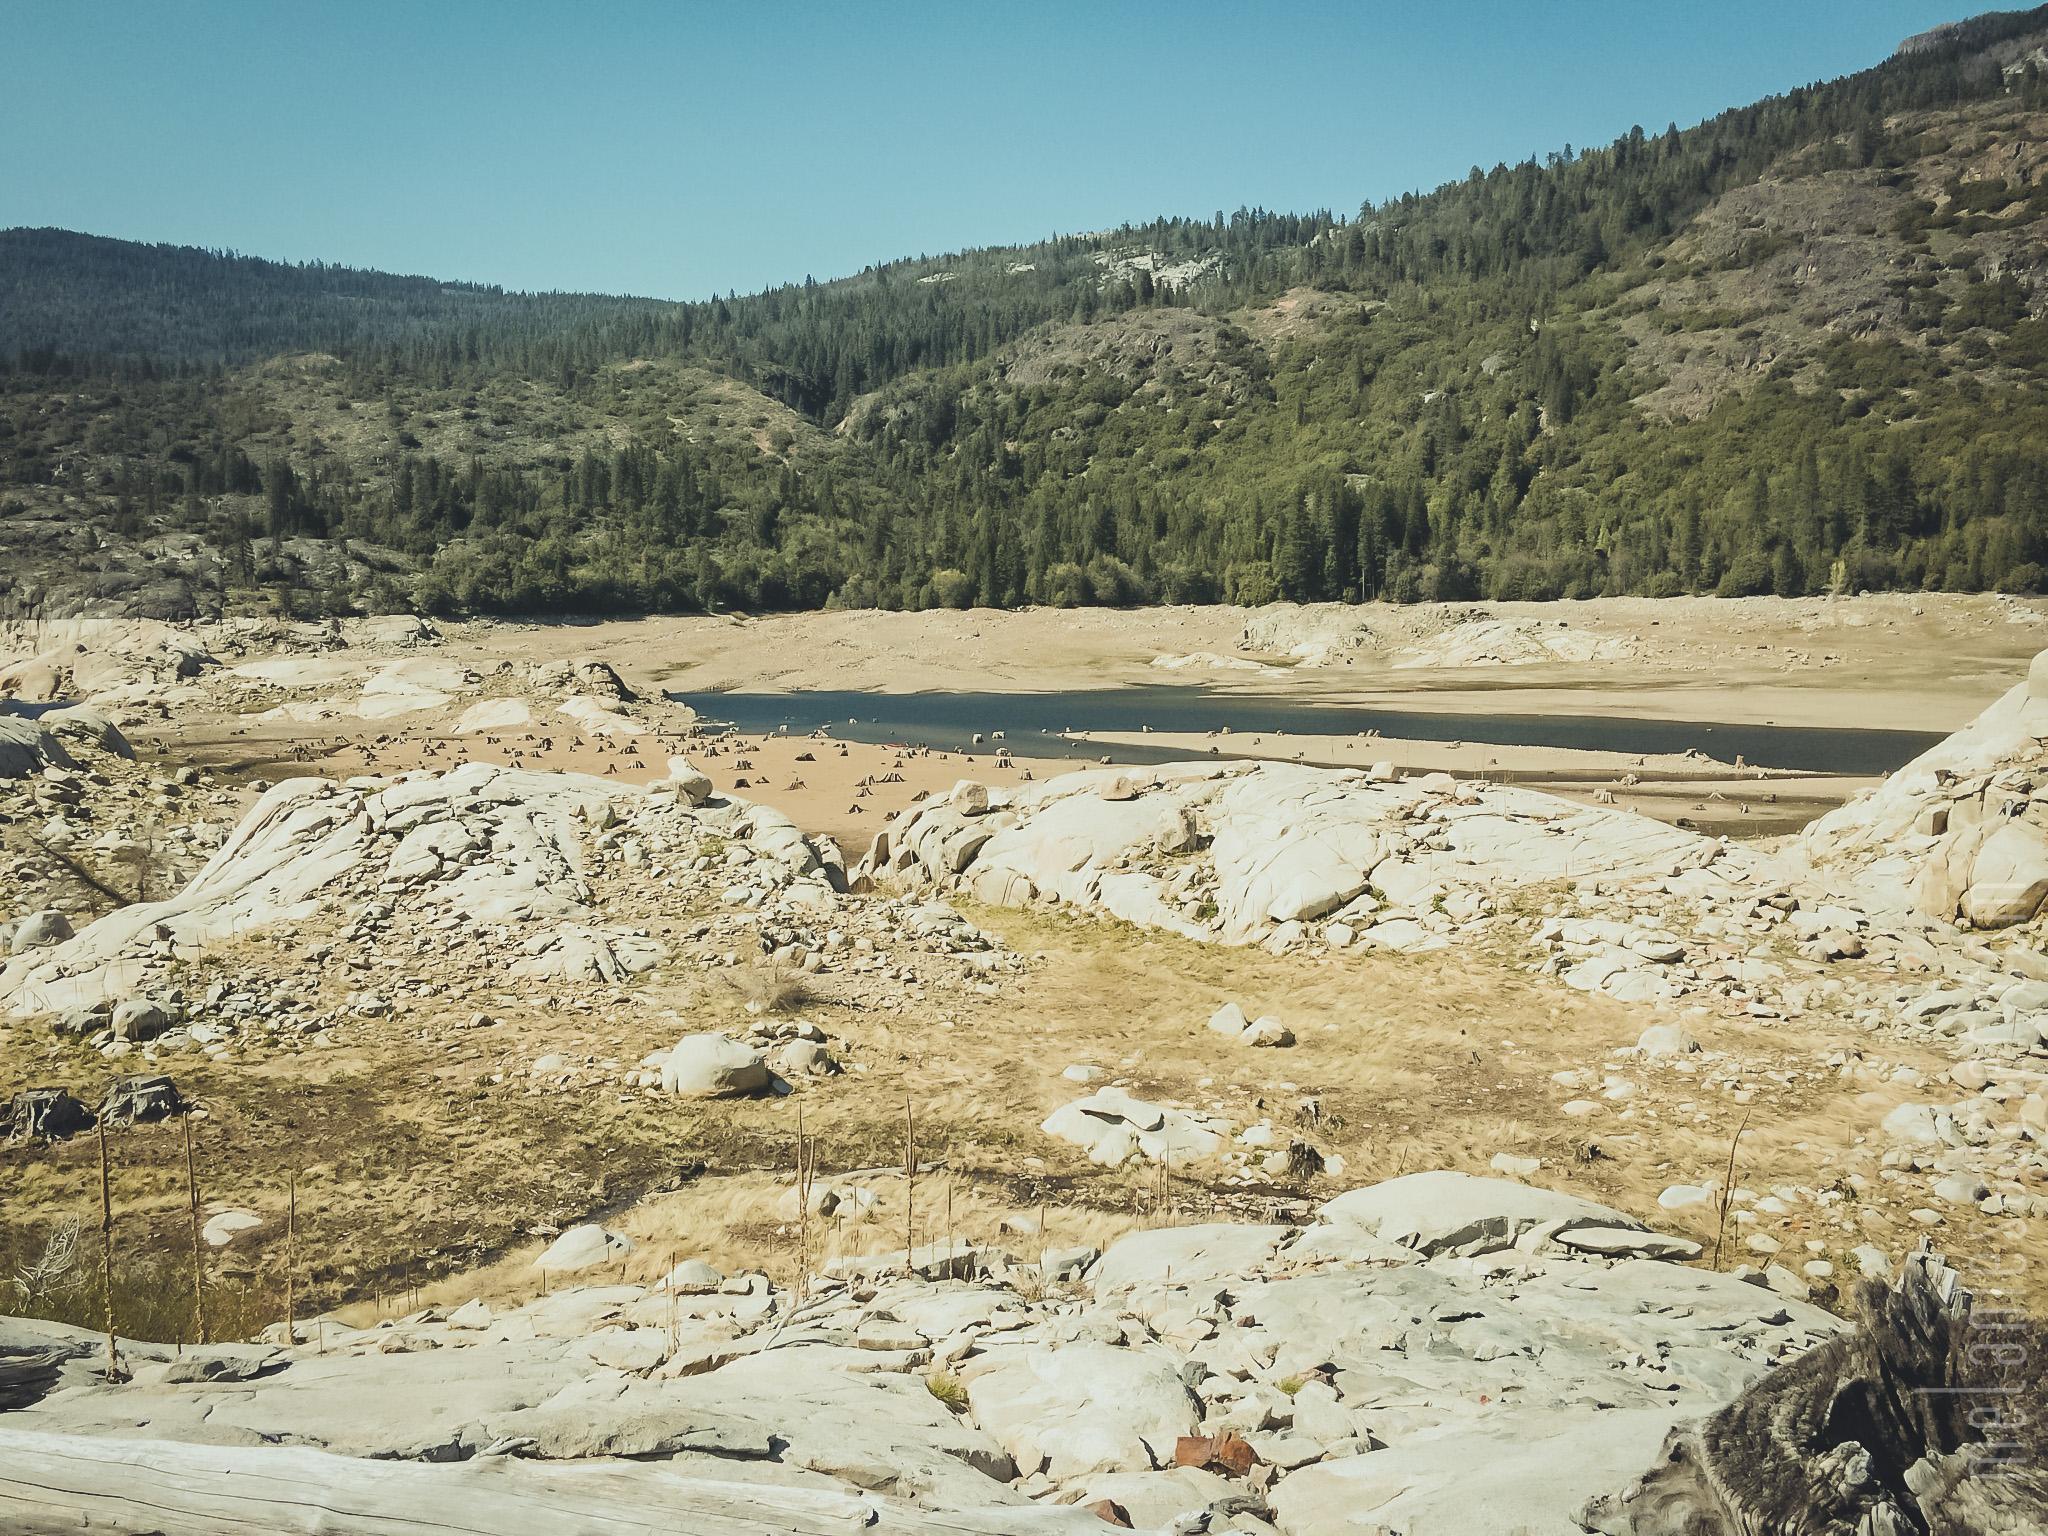 Hell_Hole_Reservoir-41.jpg